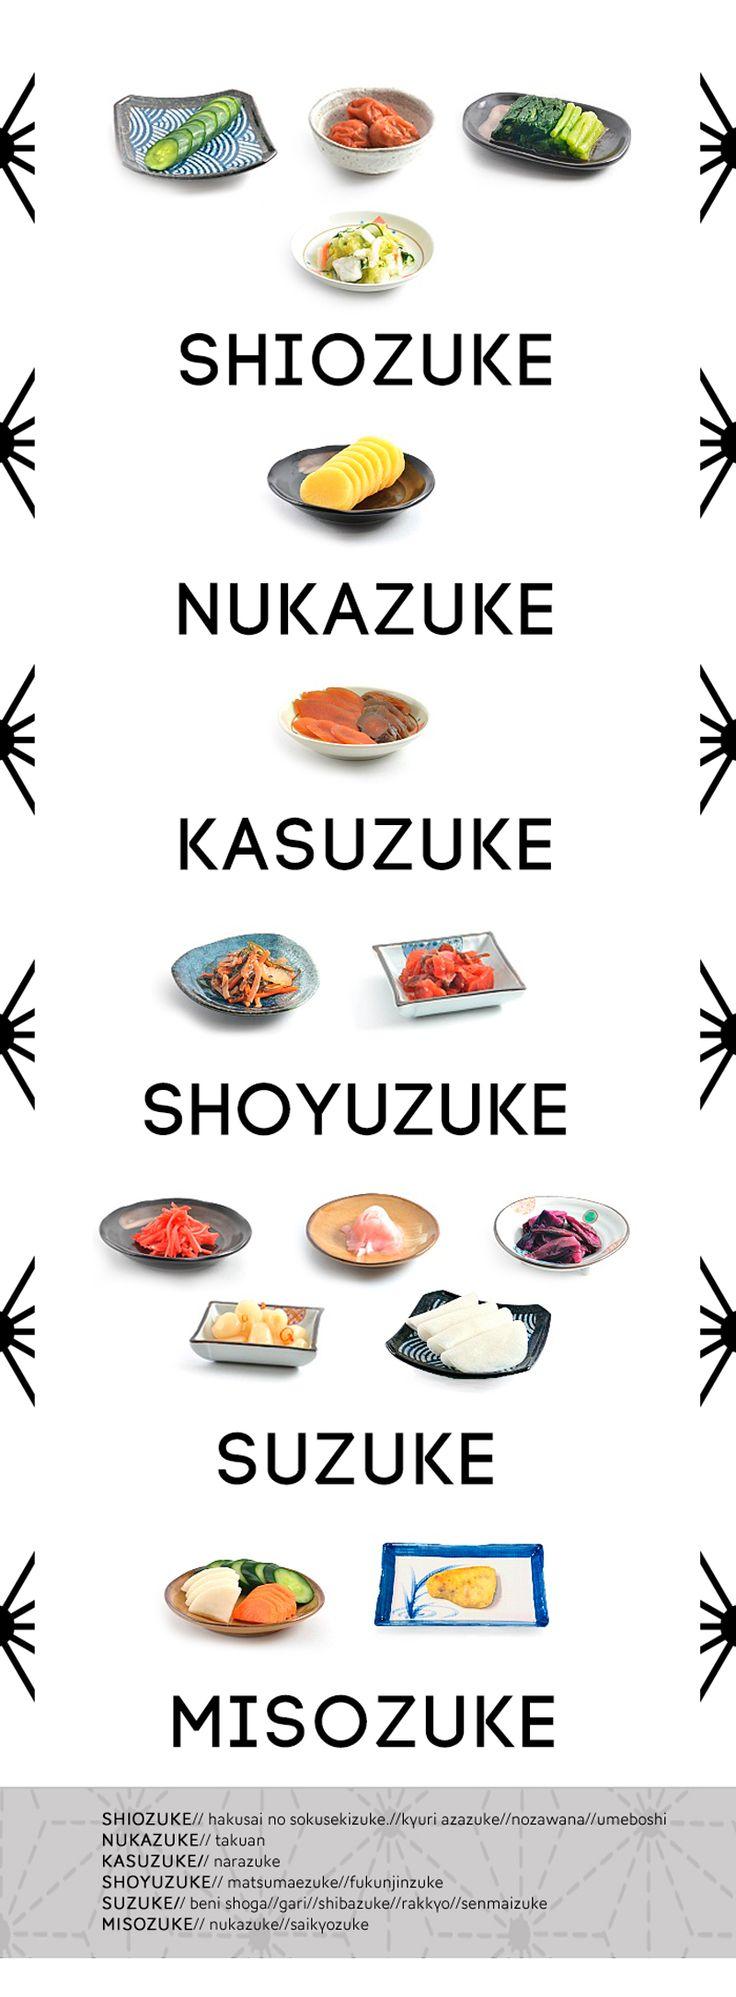 Los tsukemono o encurtidos japoneses, son una parte importantísima de la  dieta japonesa, son servidos prácticamente en cada menú tradicional,  acompañando al arroz y a la sopa de miso. son valorados por su sabor único  y comúnmente utilizados como guarnición, condimento, digestivo o para  limpi